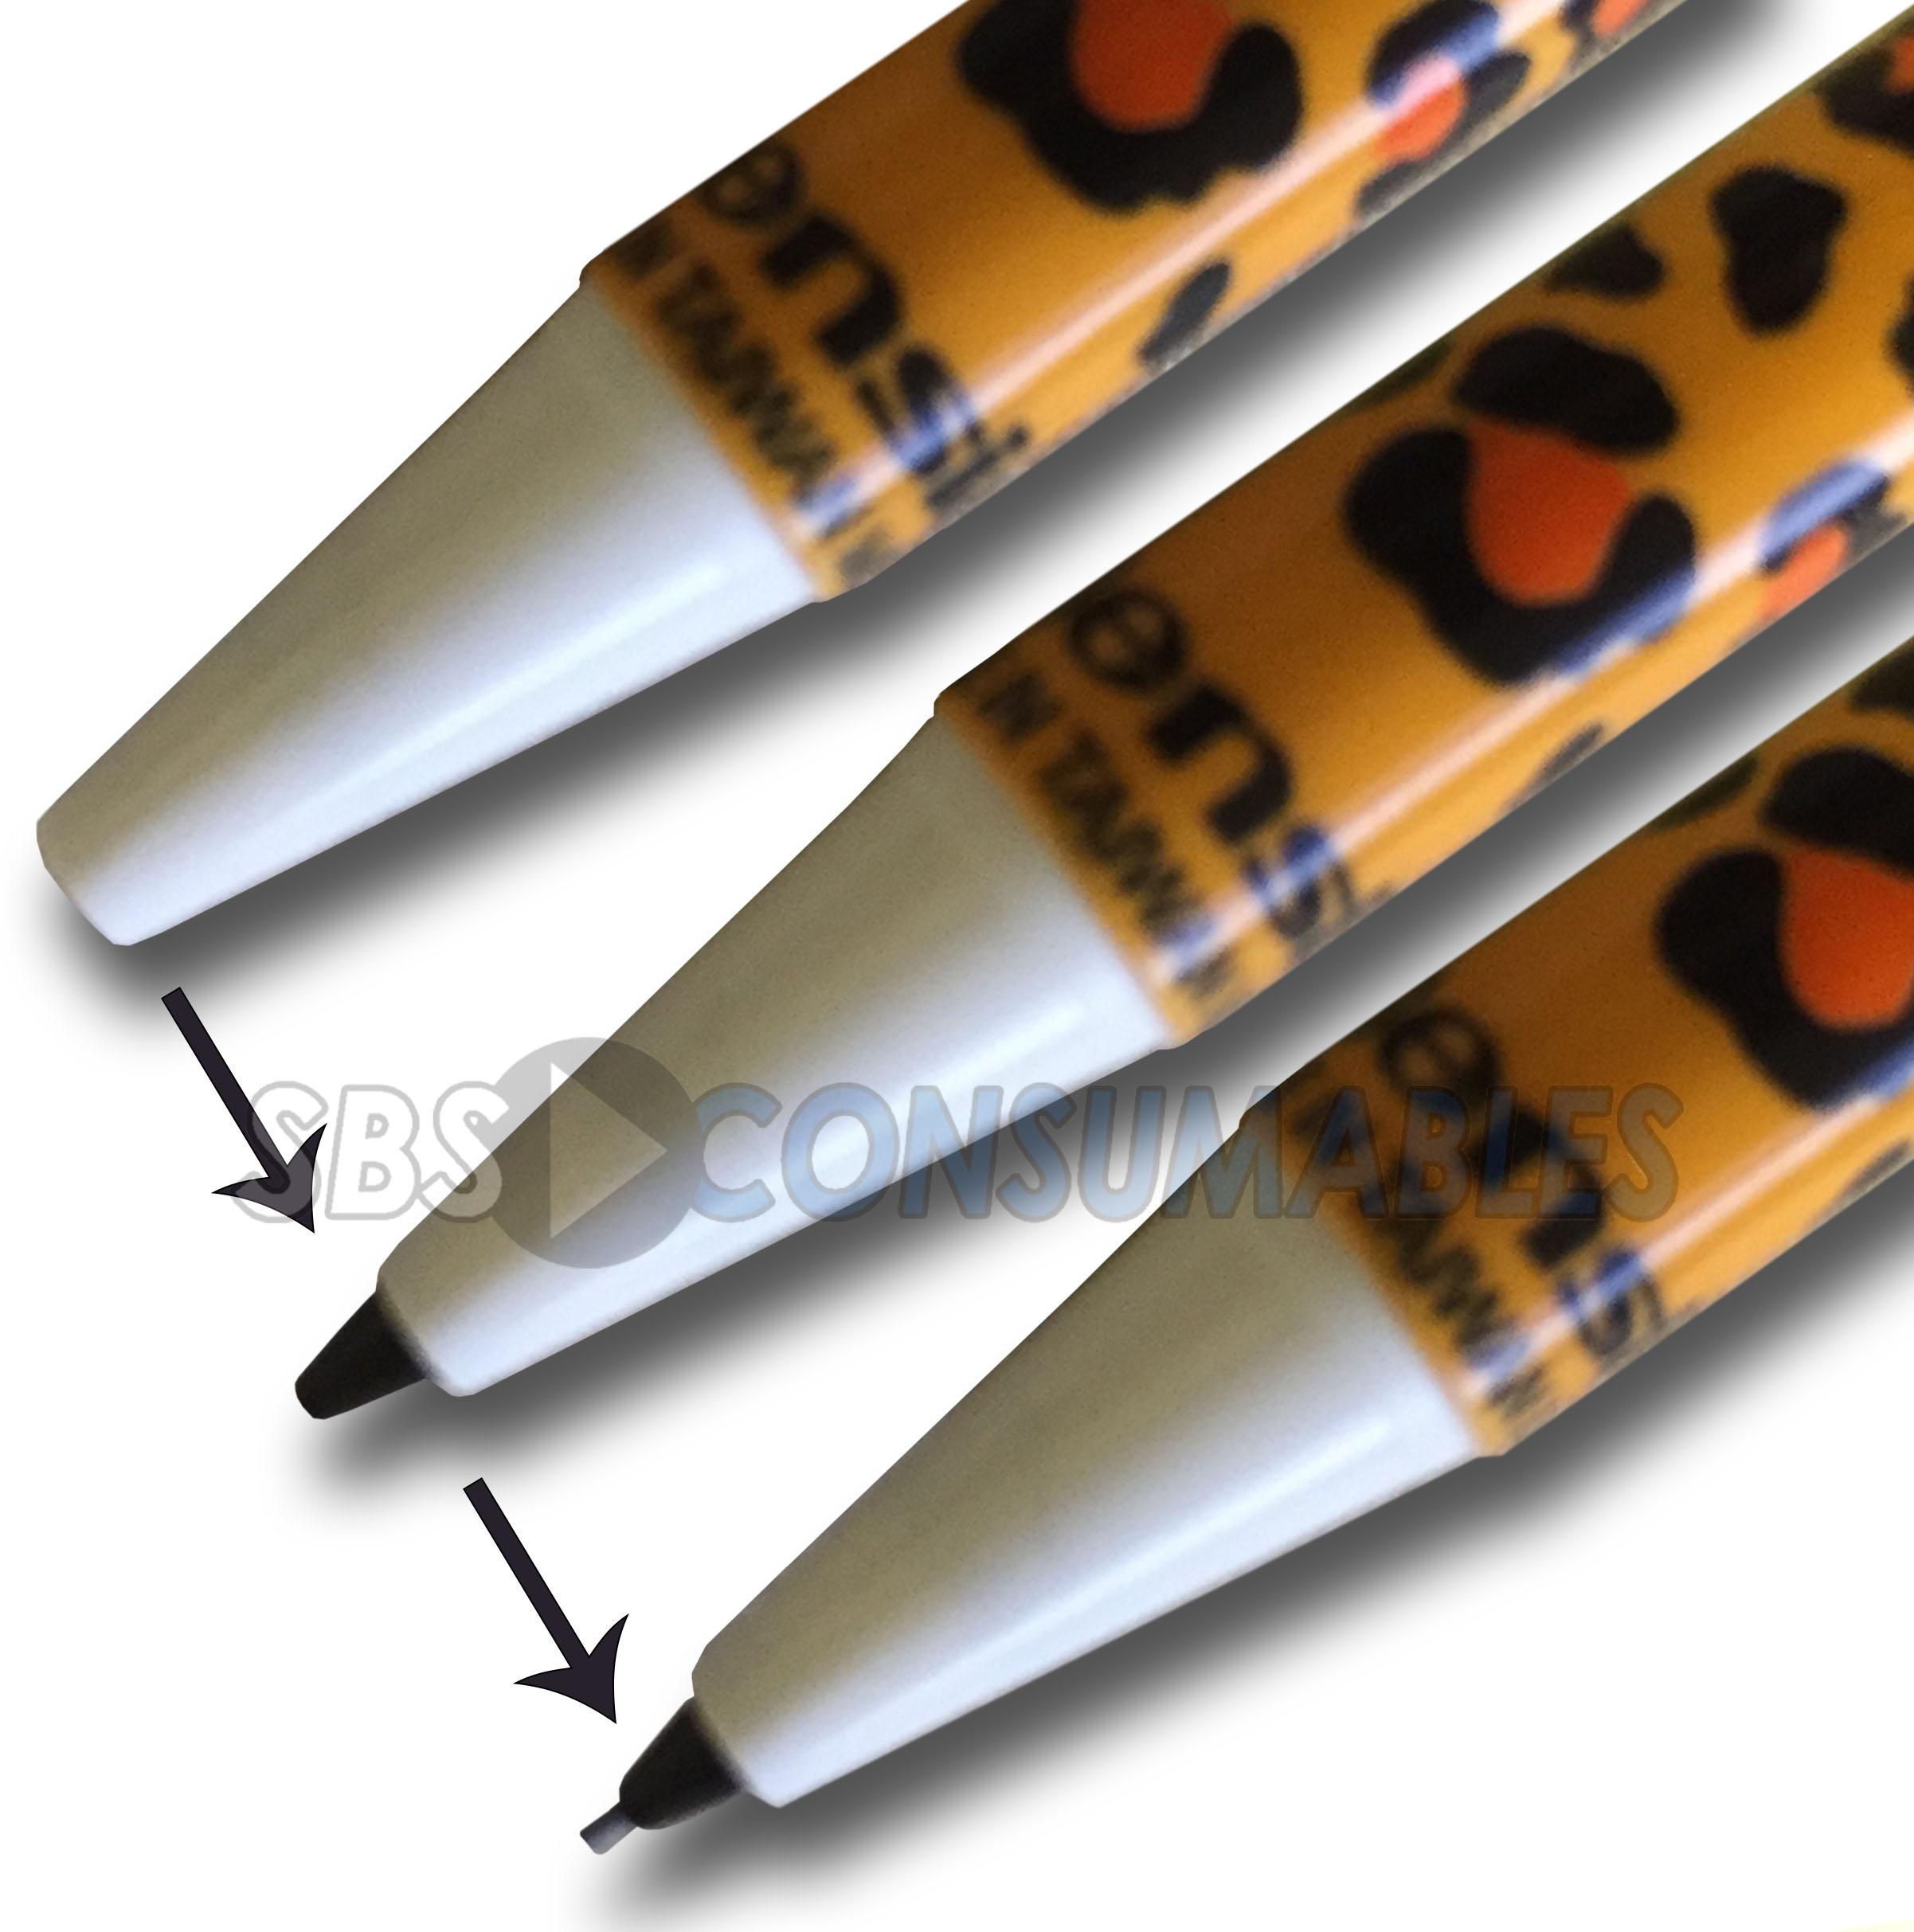 Pencil tip eraser photo